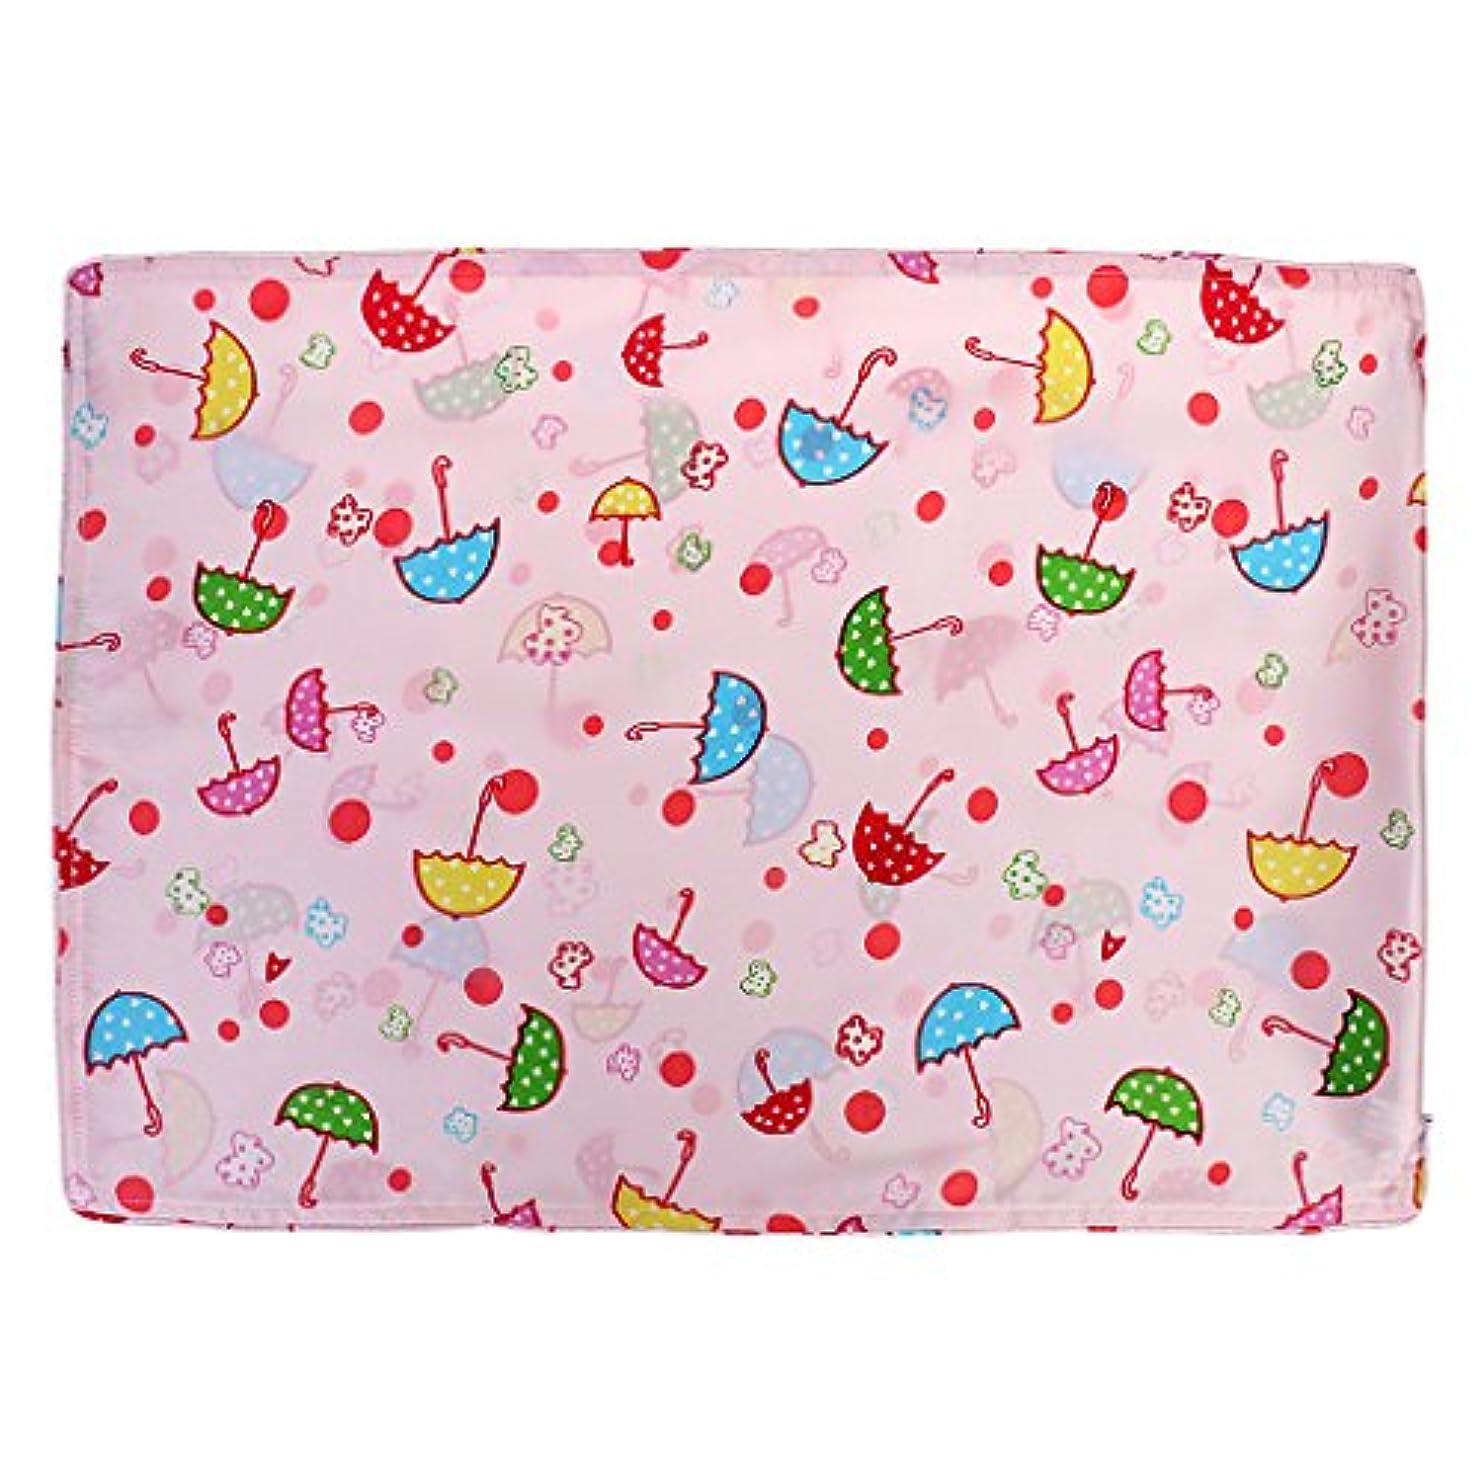 つぶやきコロニアルヒールかわいい赤ちゃんキッズ100%シルクサテン両面枕カバー30 * 45センチメートル傘ピンク